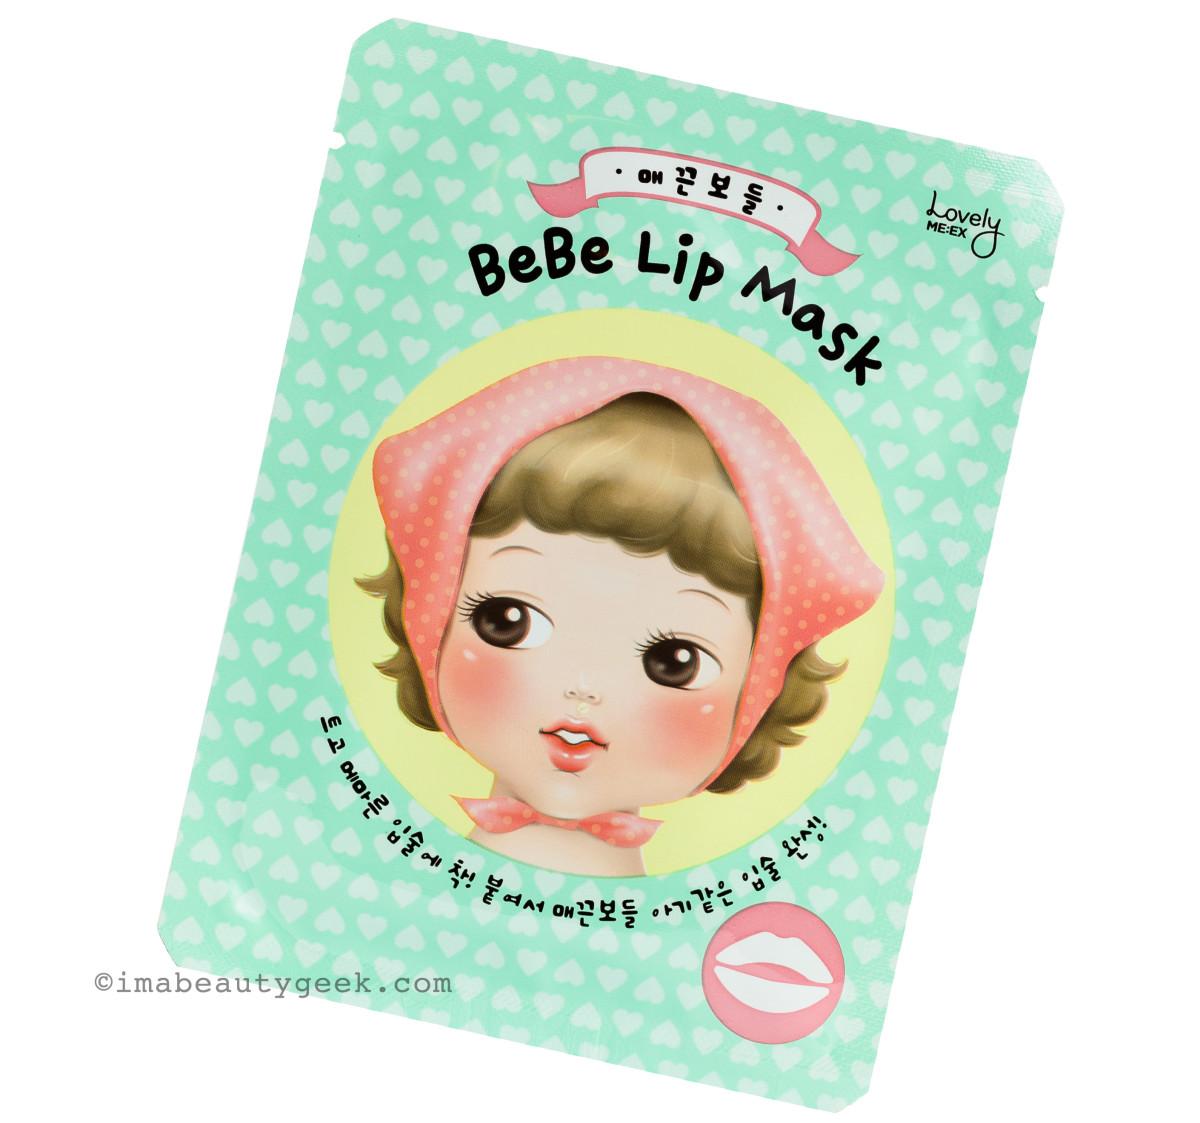 Bebe Lip Mask